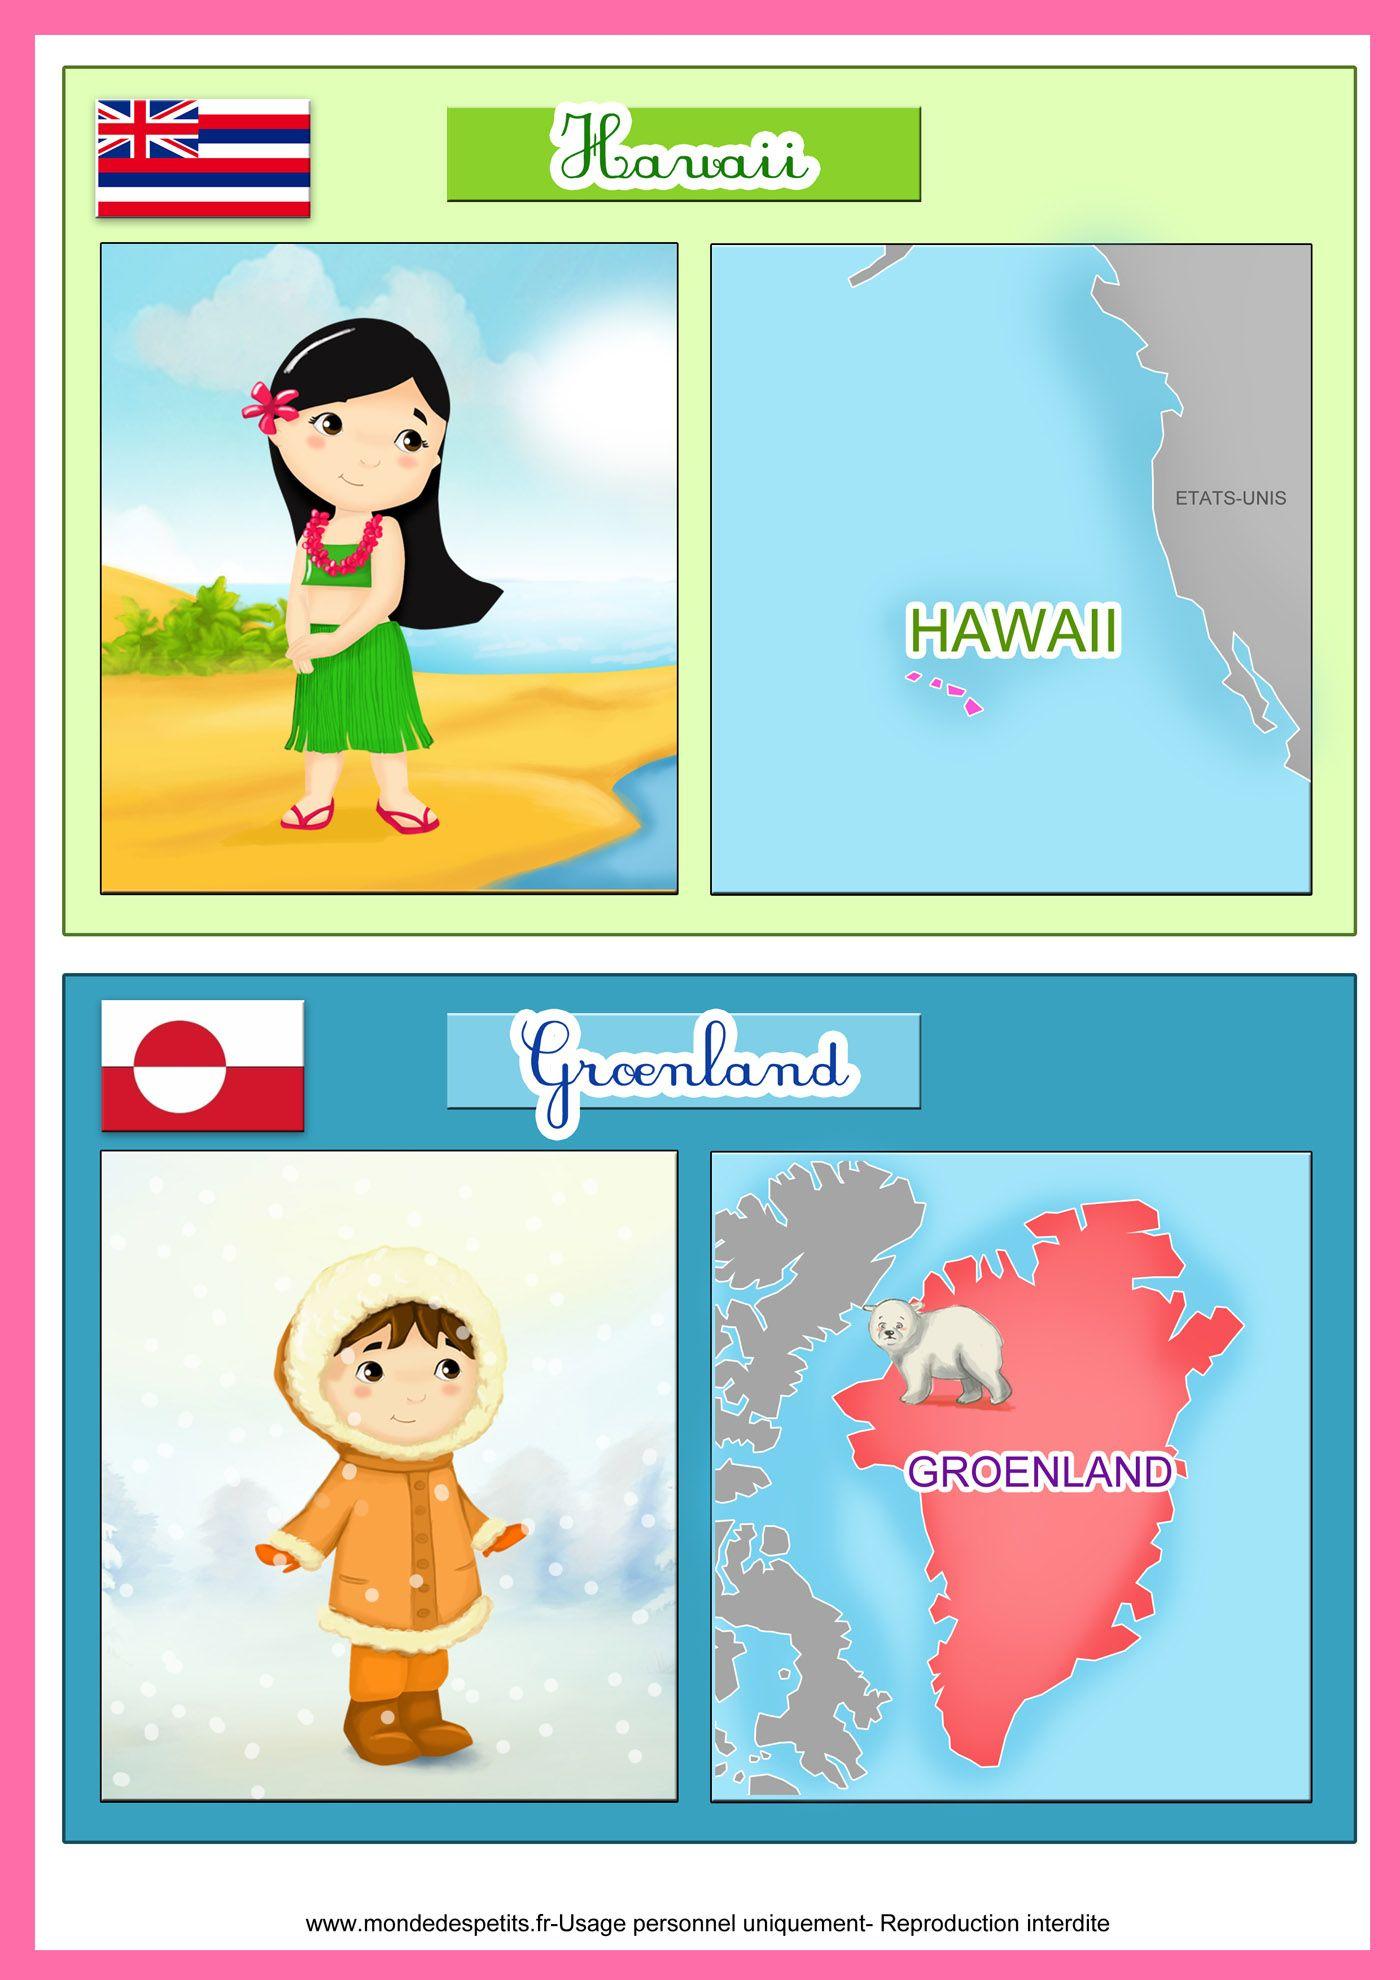 Les pays du monde et leurs drapeaux de det pinte - Carte du monde a imprimer gratuite ...